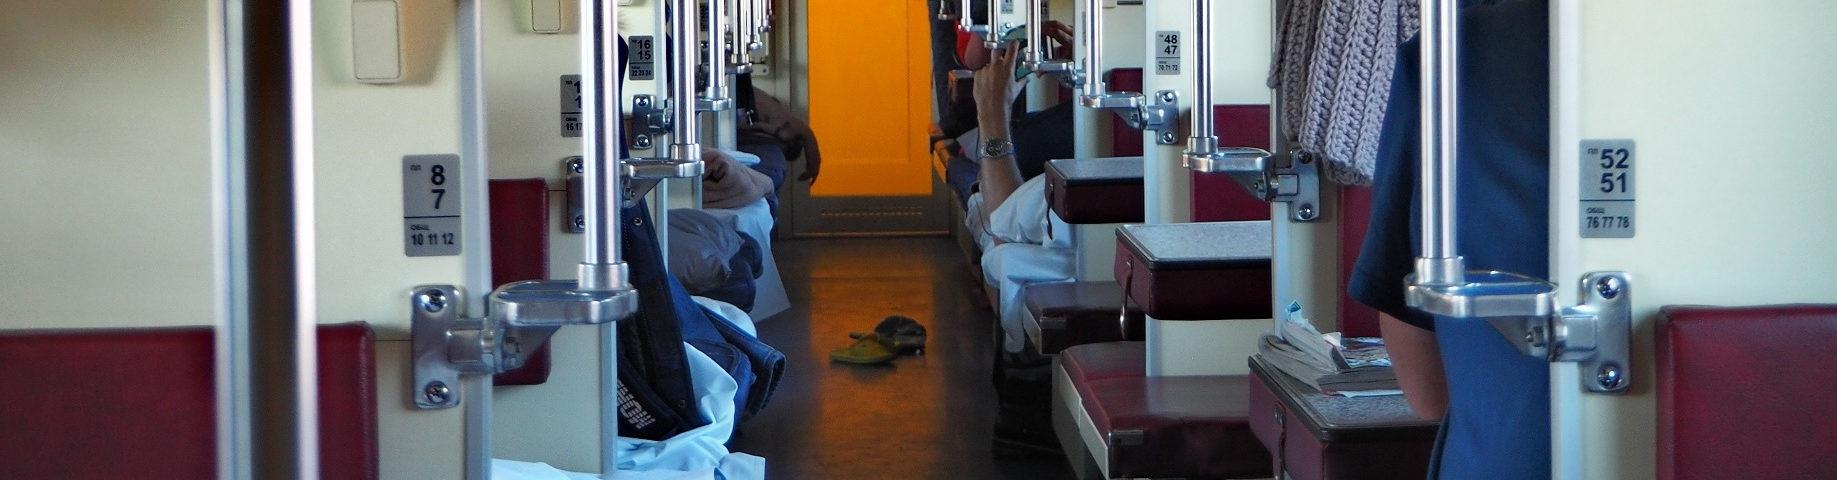 Transsibirische Eisenbahn Grossraumliegewagen innen